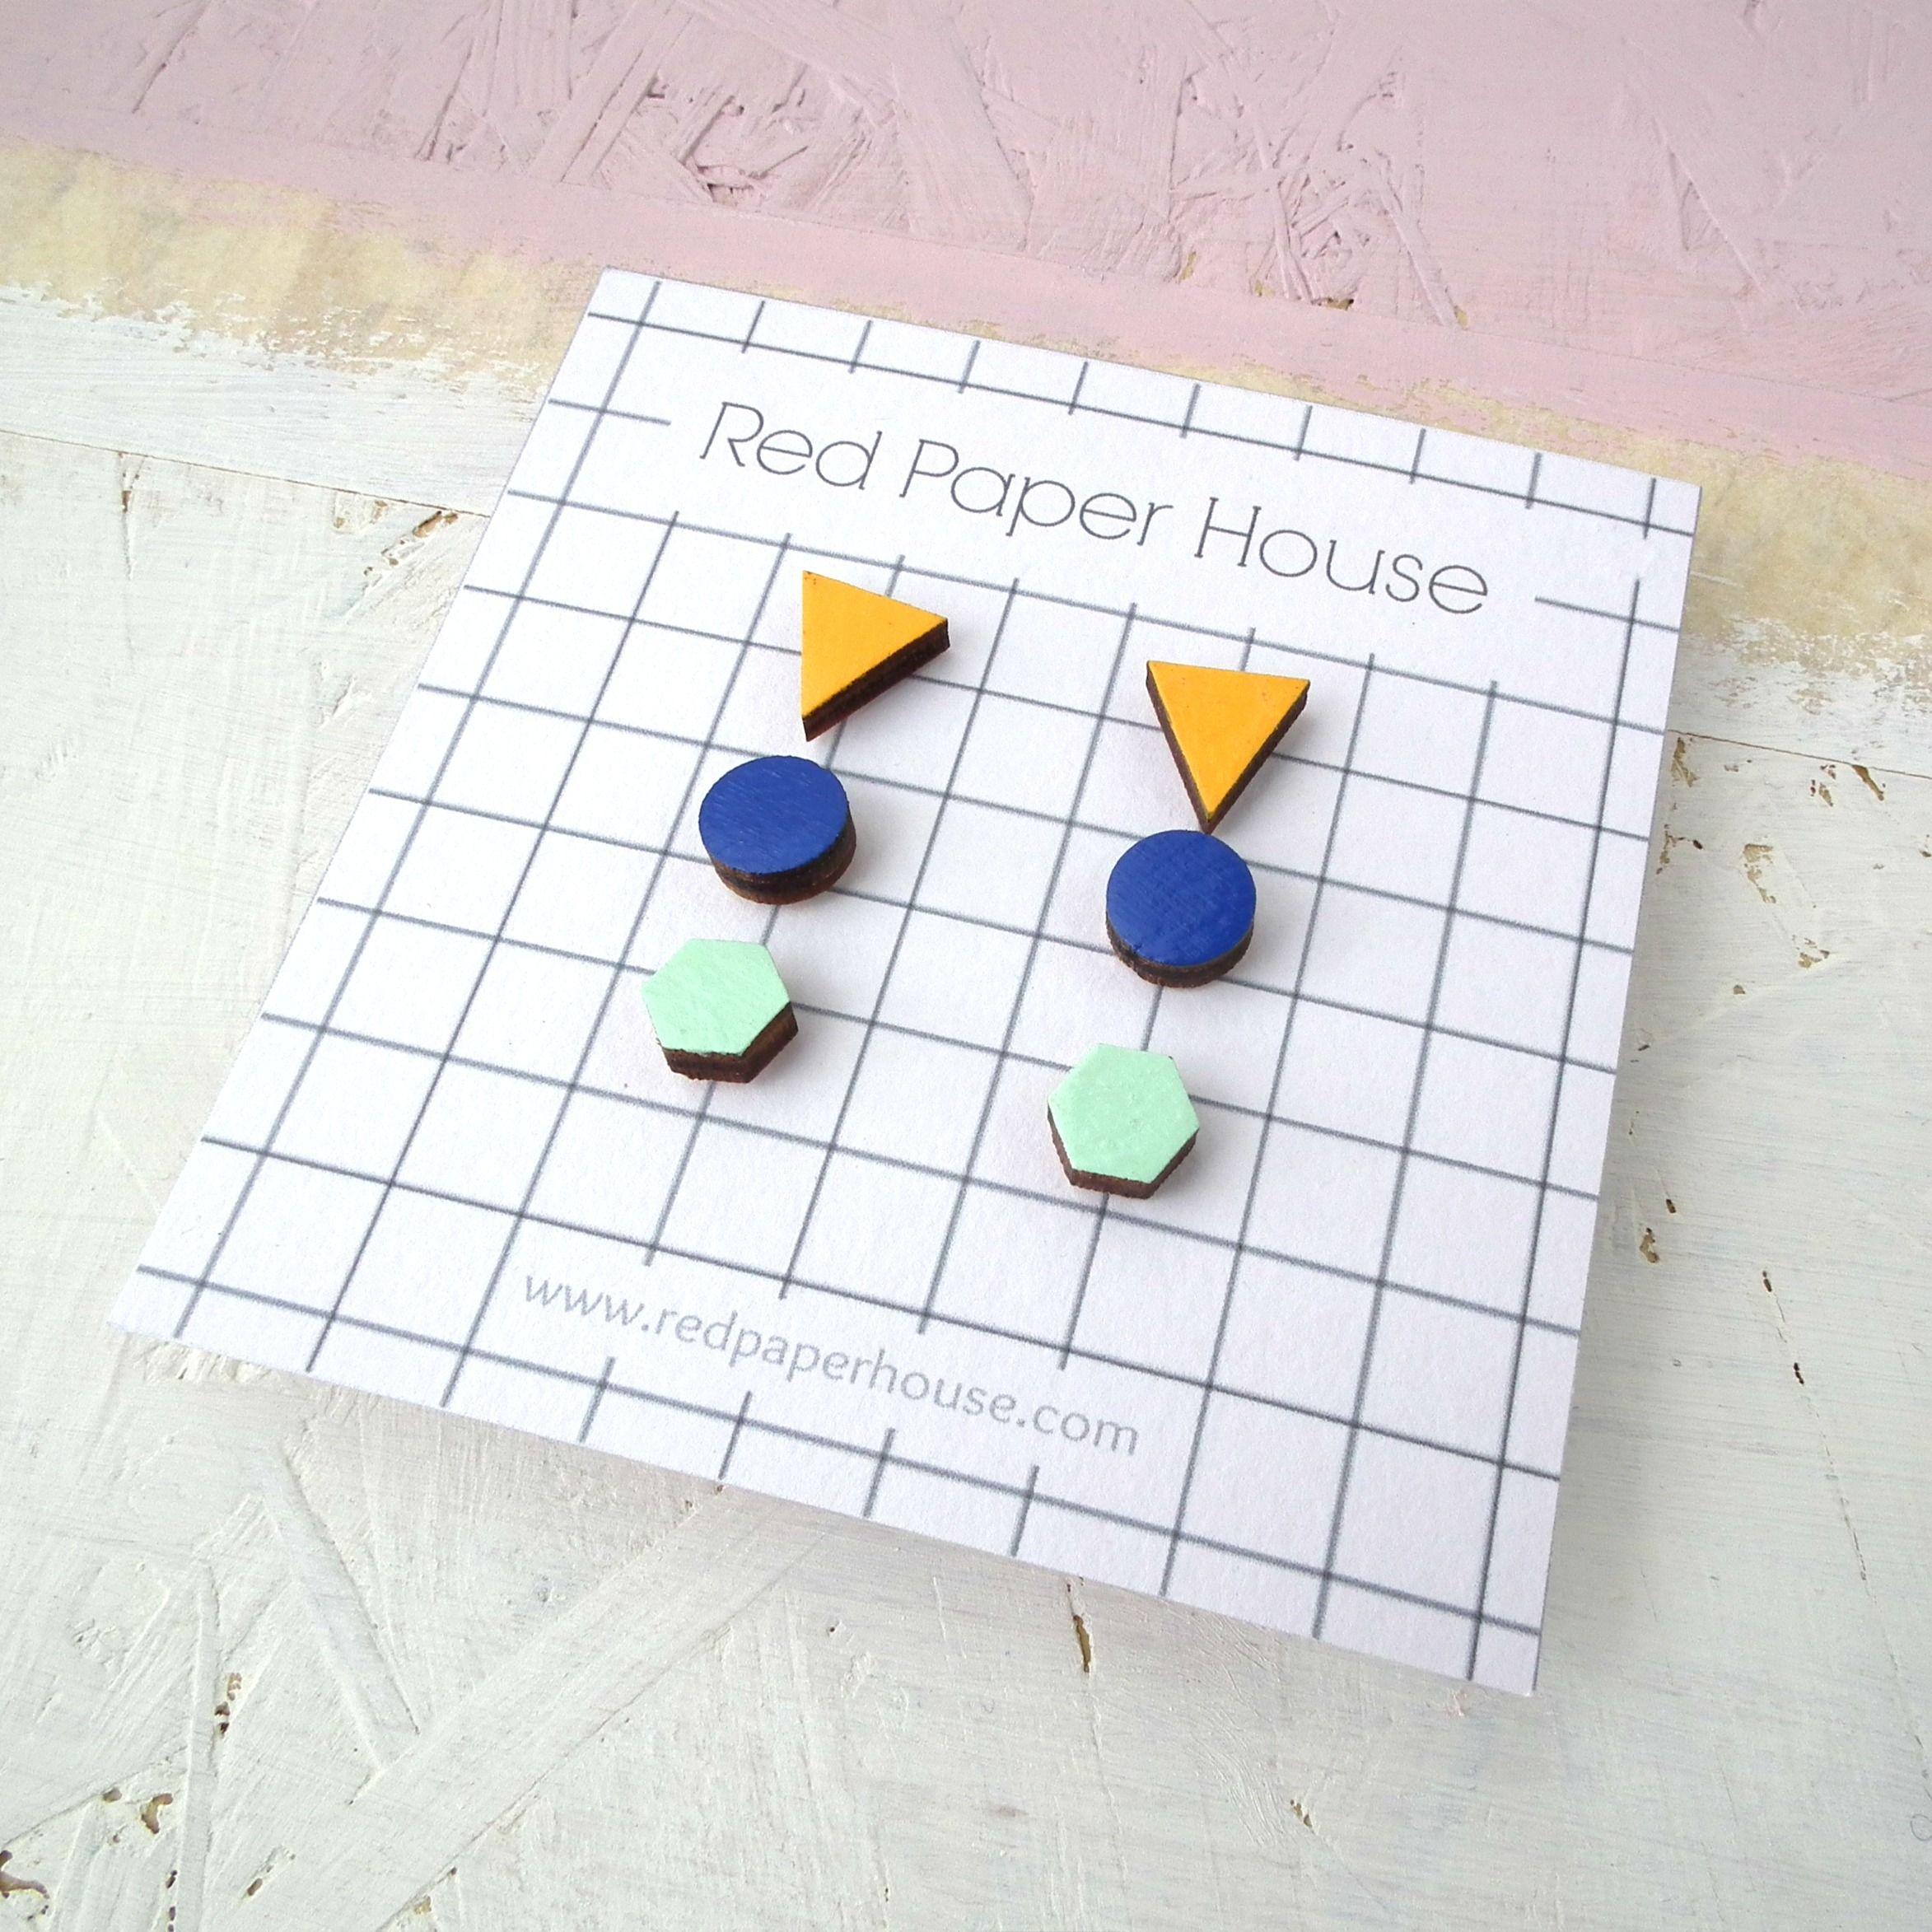 geometric design paper earrings hand-painted nickel free Stud earrings gift for a friend minimal stud earrings